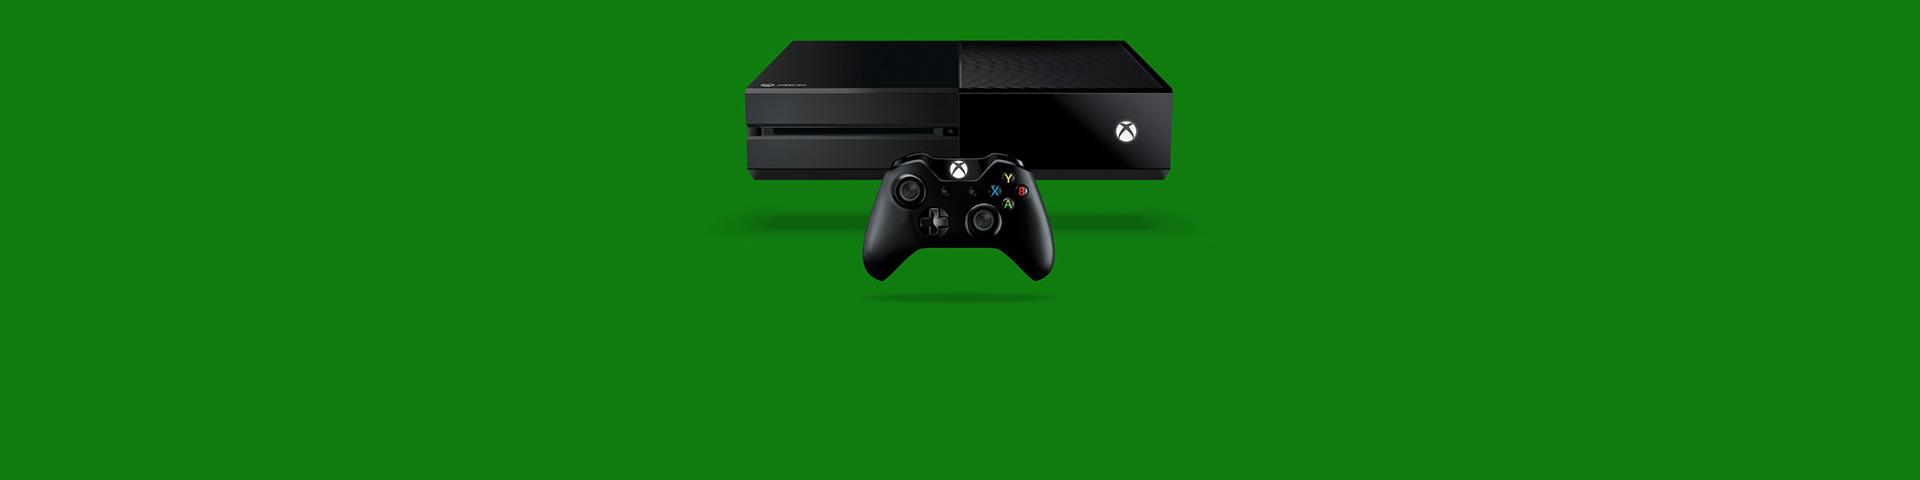 Consola y mando Xbox One, compra la última consola